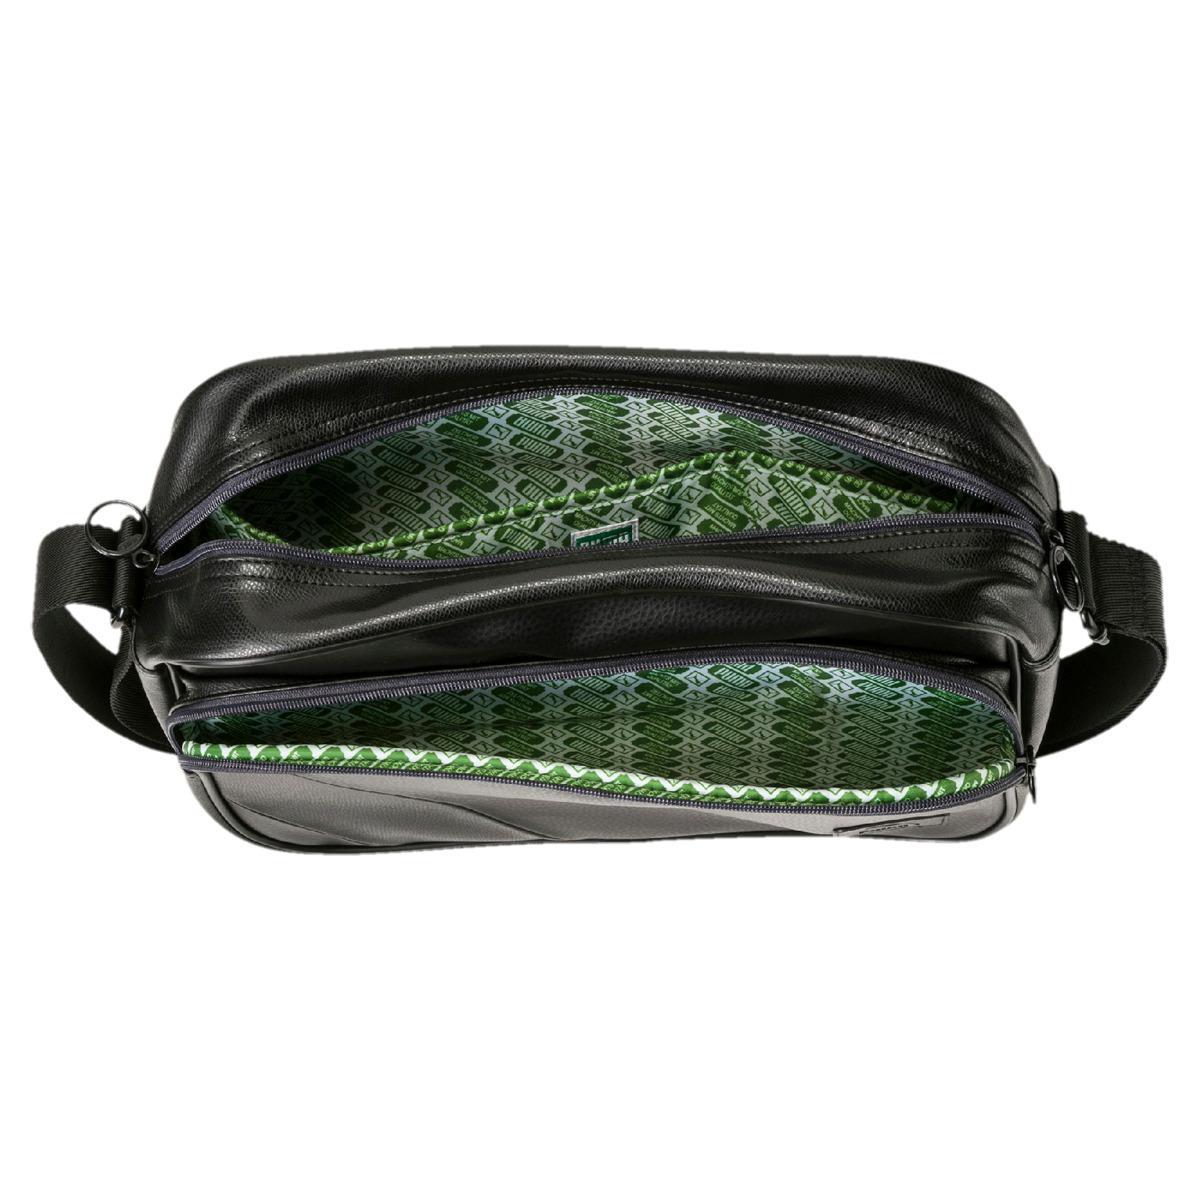 cc3f46de92 Lyst - Puma Originals Reporter Bag in Black for Men